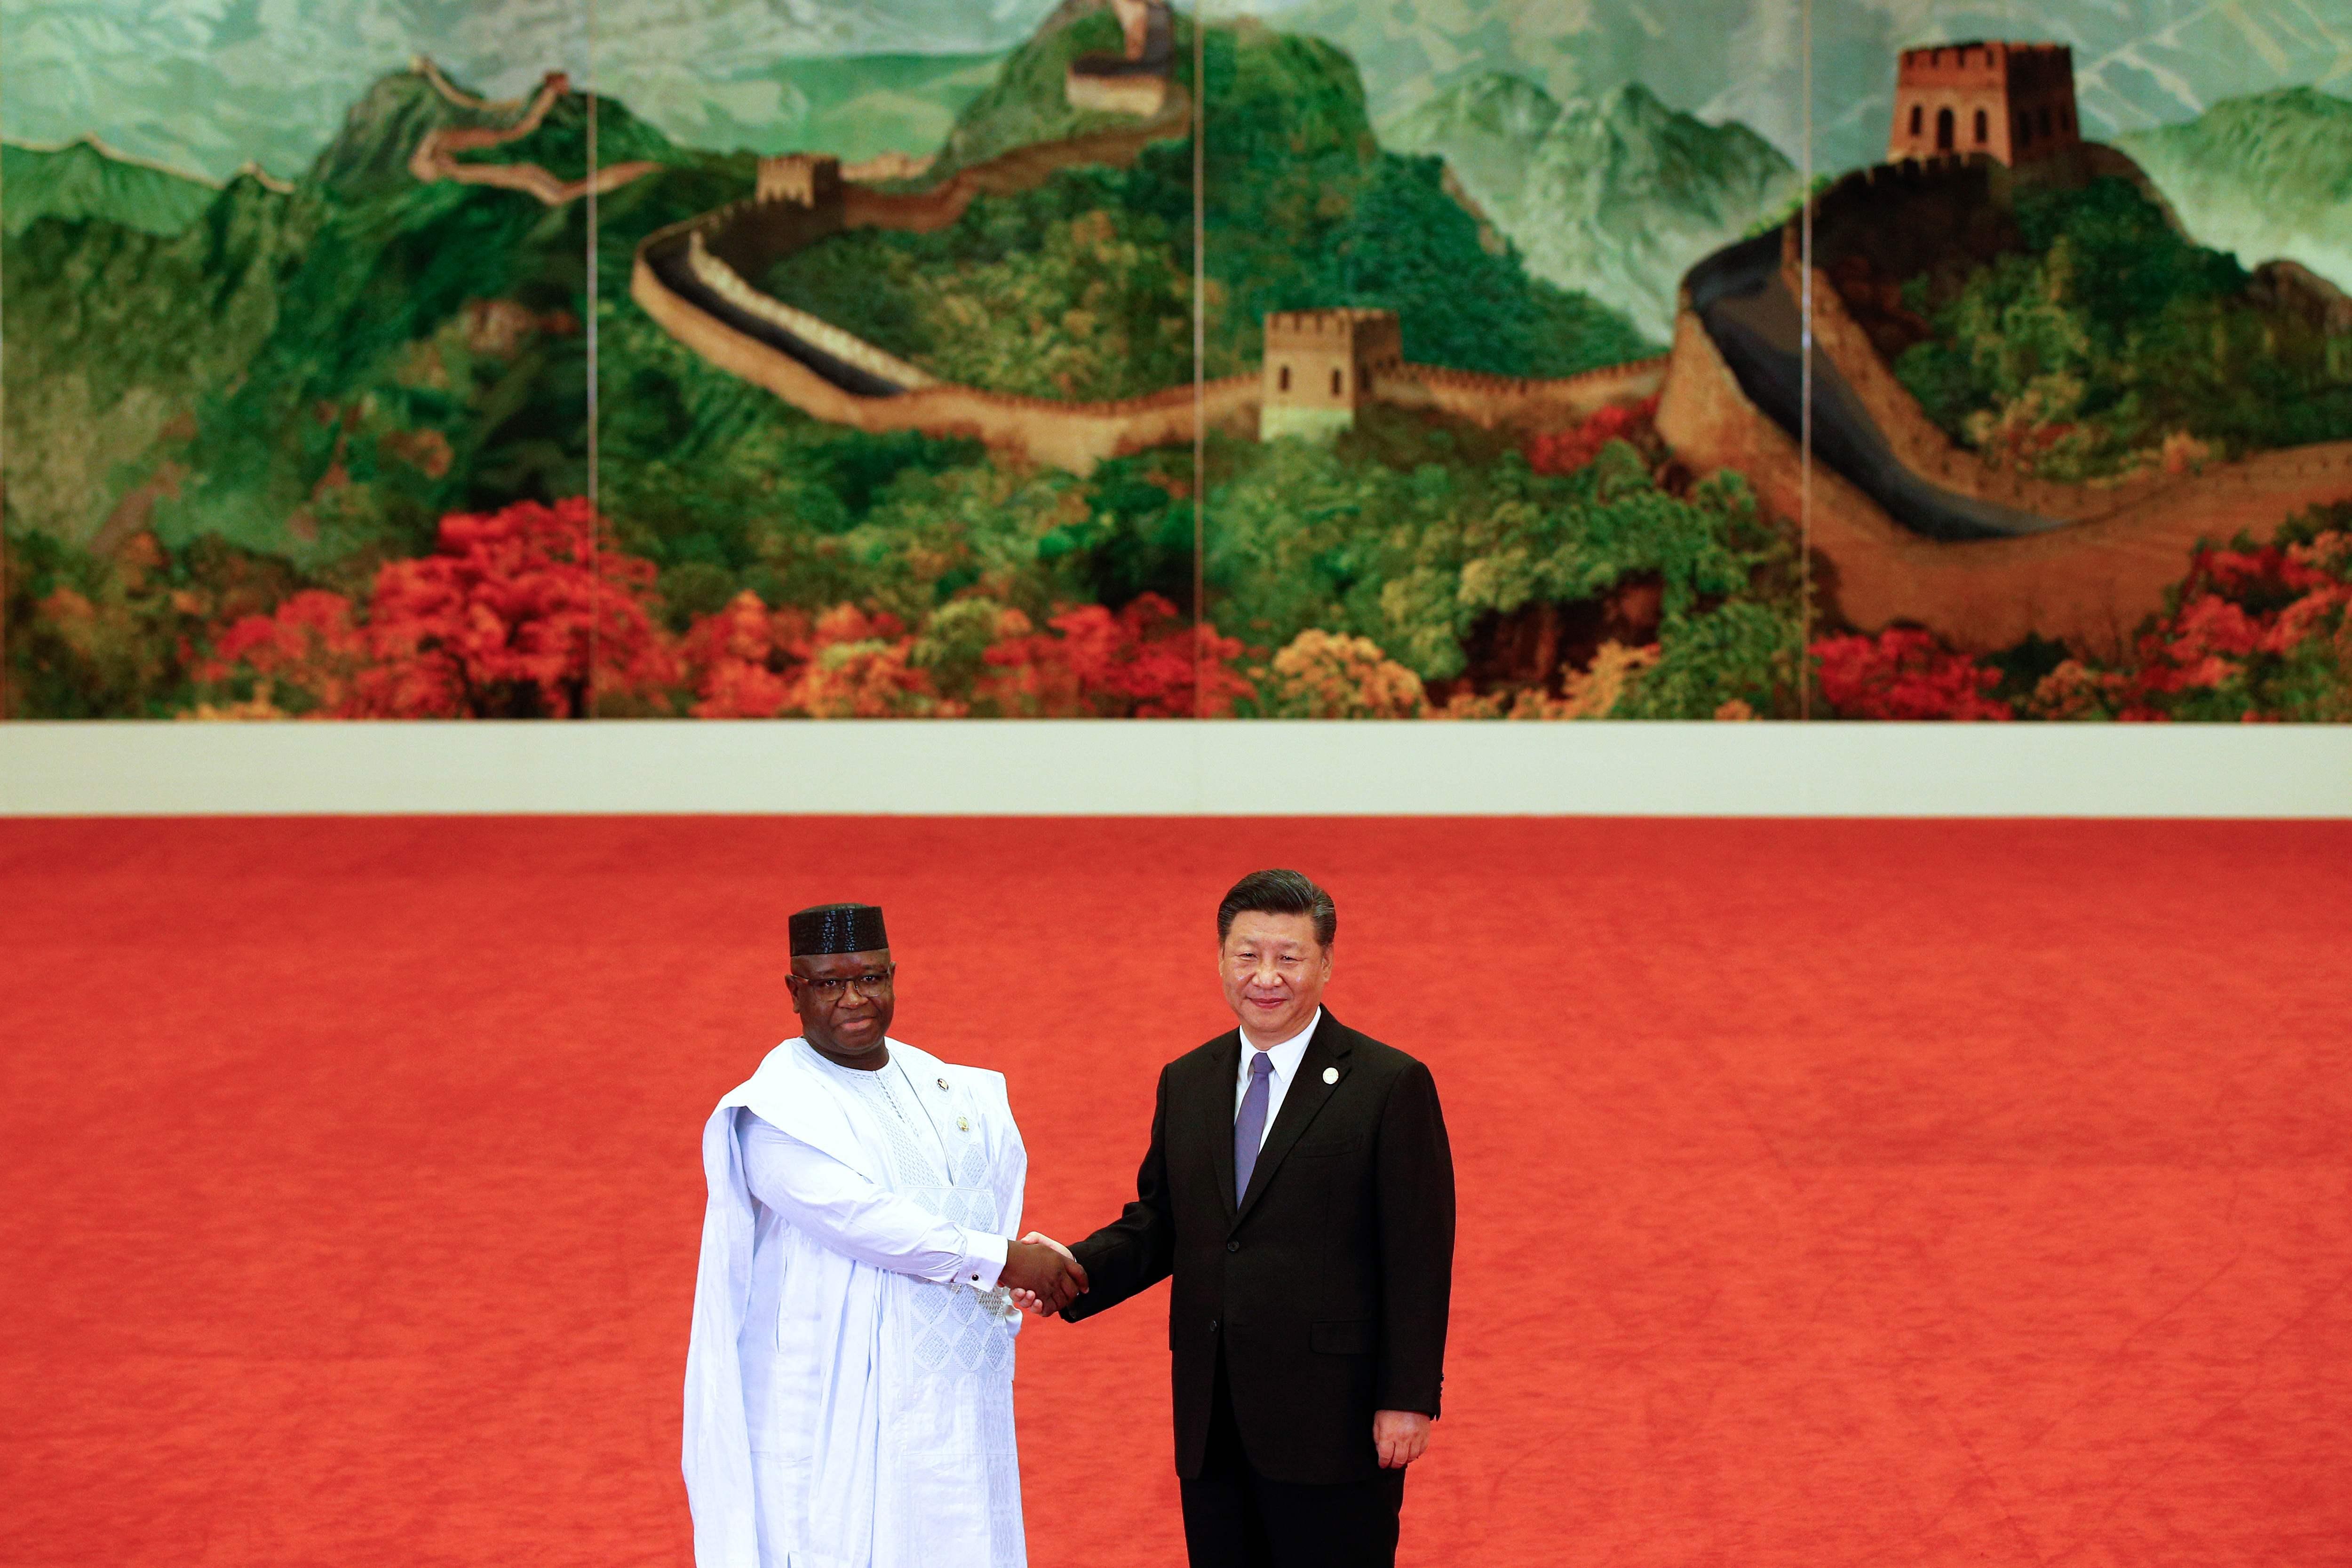 رئيس سيراليون جوليوس ماادا بيو ورئيس الصين